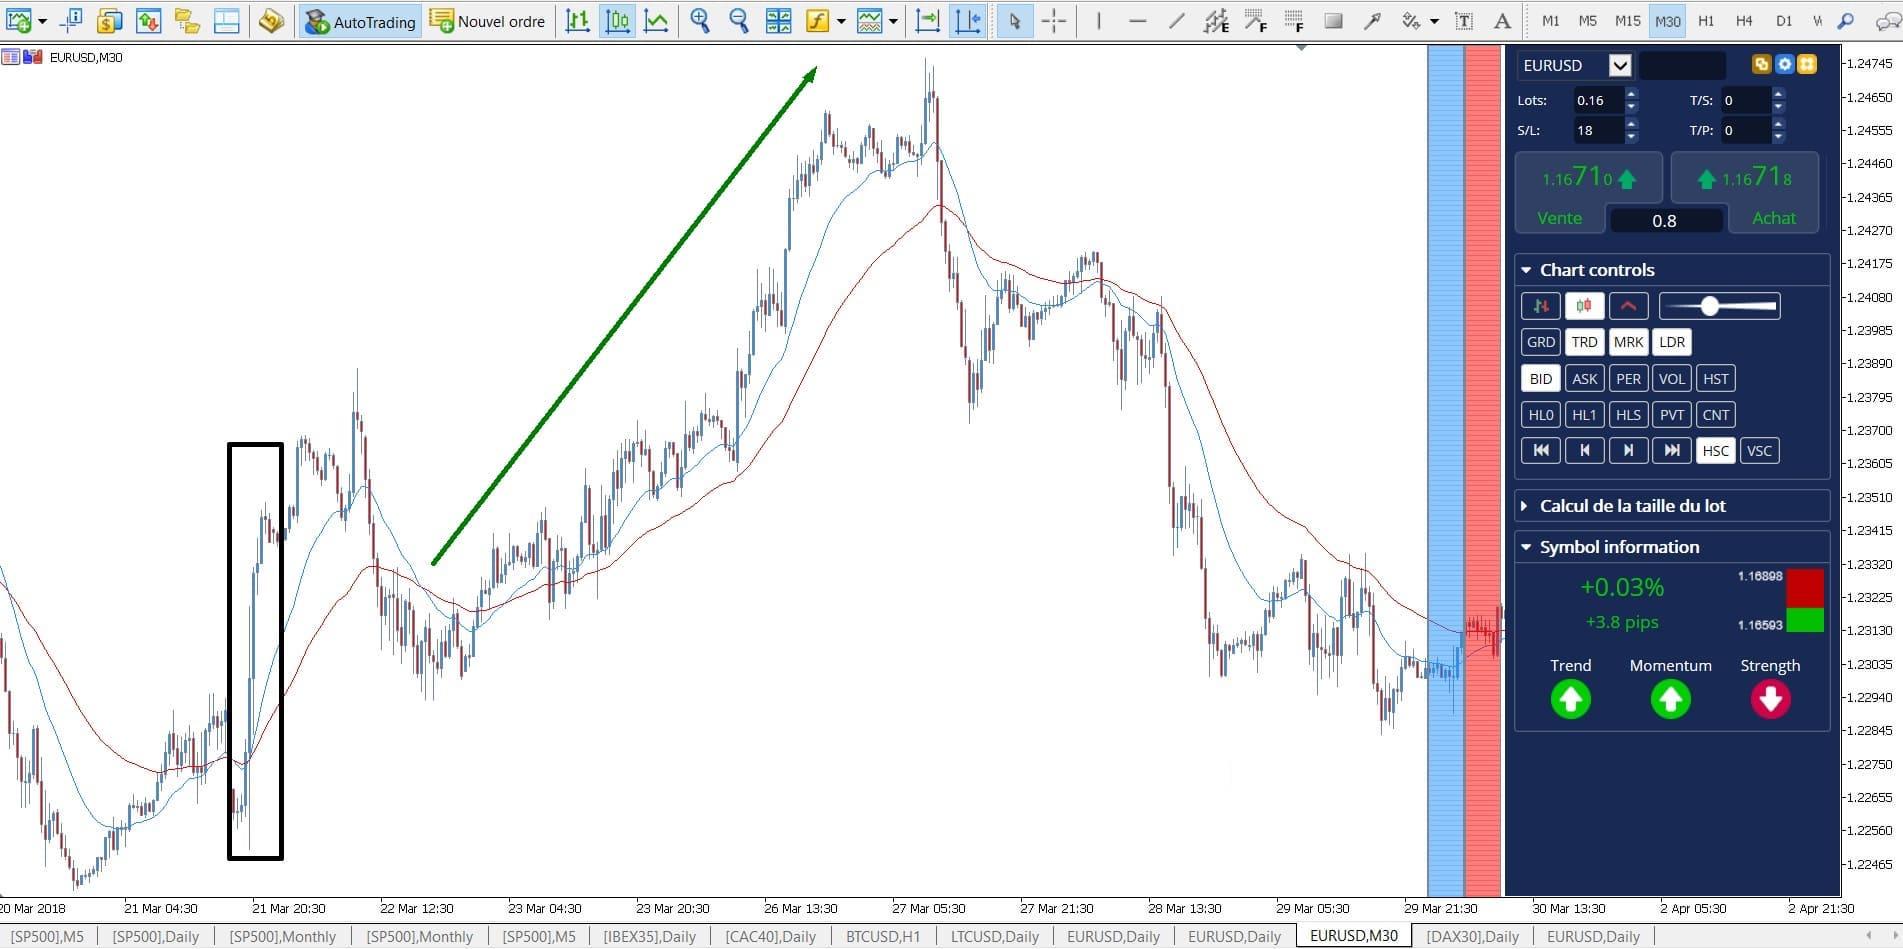 jak obchodovat eur/usd